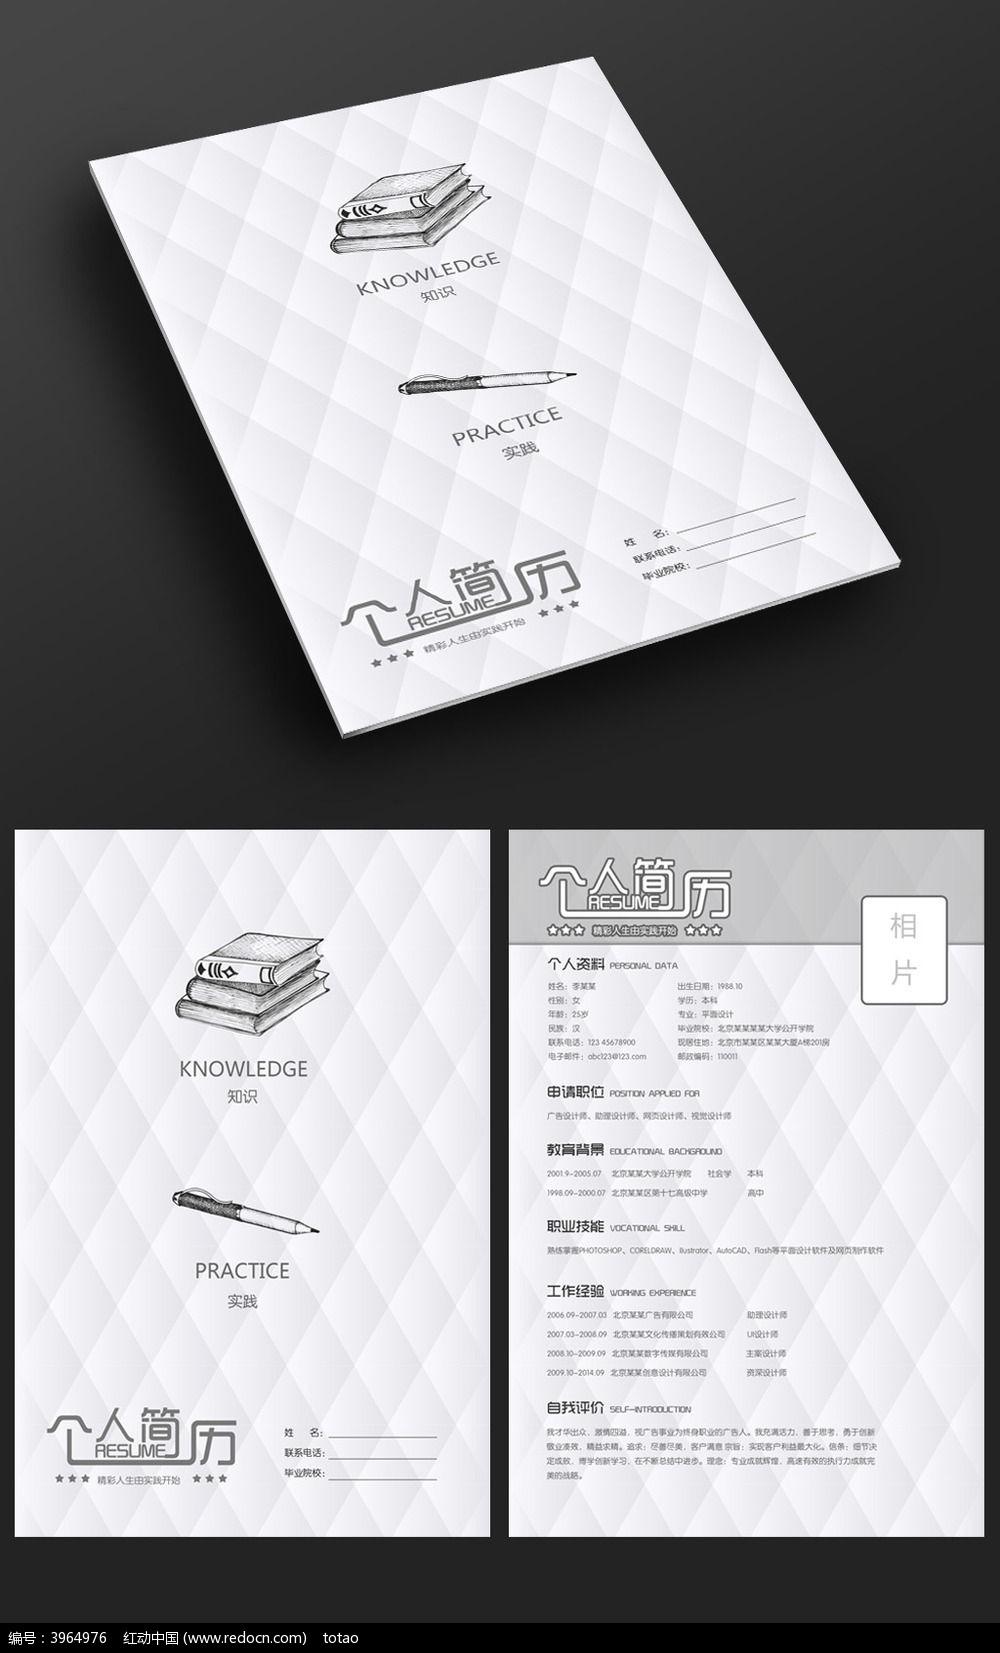 原创设计稿 海报设计/宣传单/广告牌 求职简历 知识与实践个人简历图片